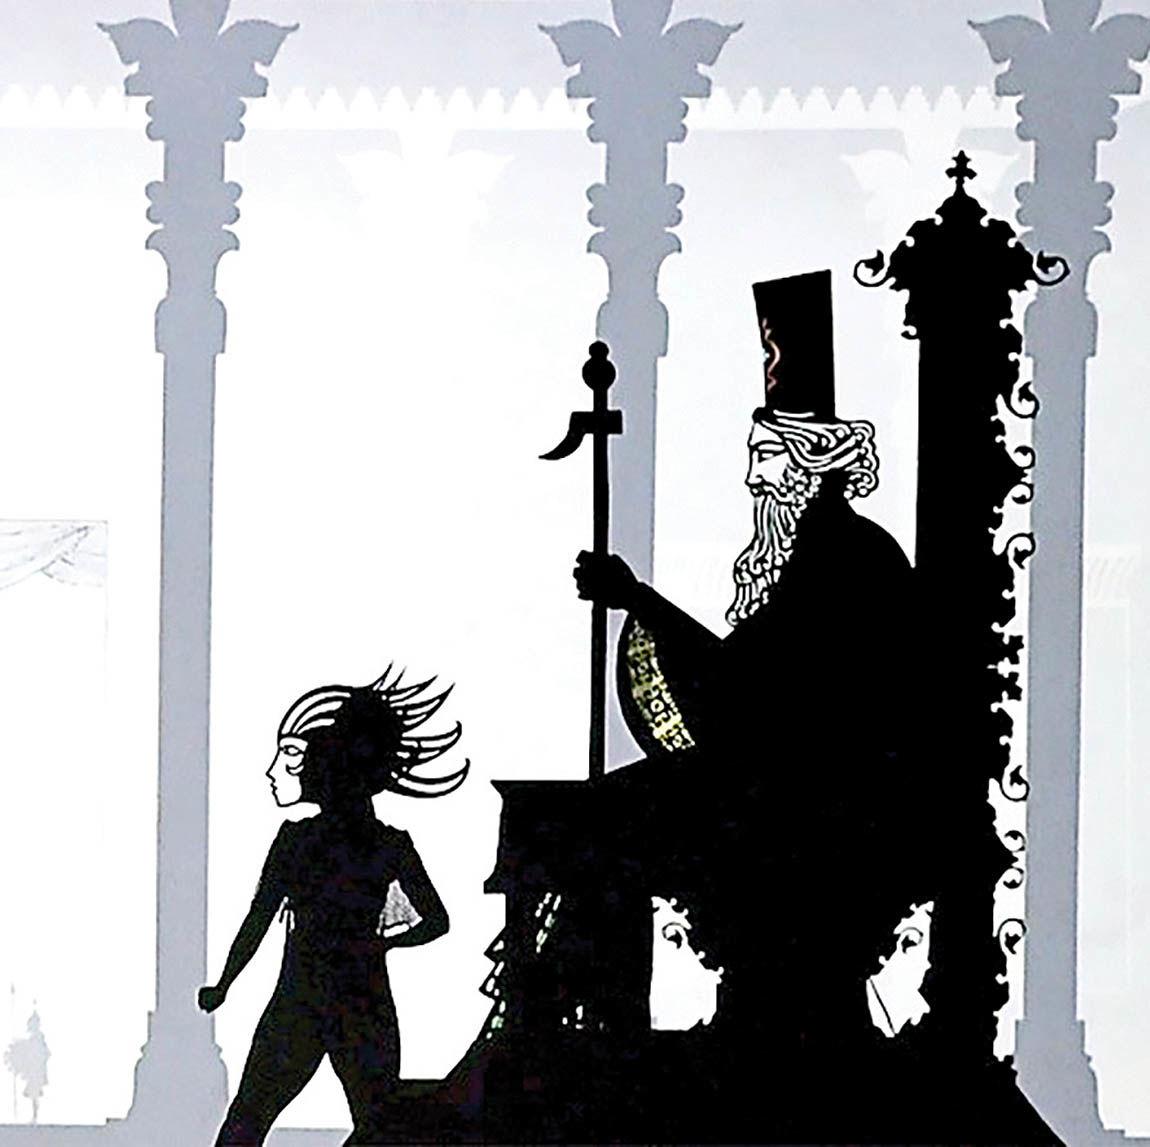 نمایش سایهبازی شاهنامه در فرانسه